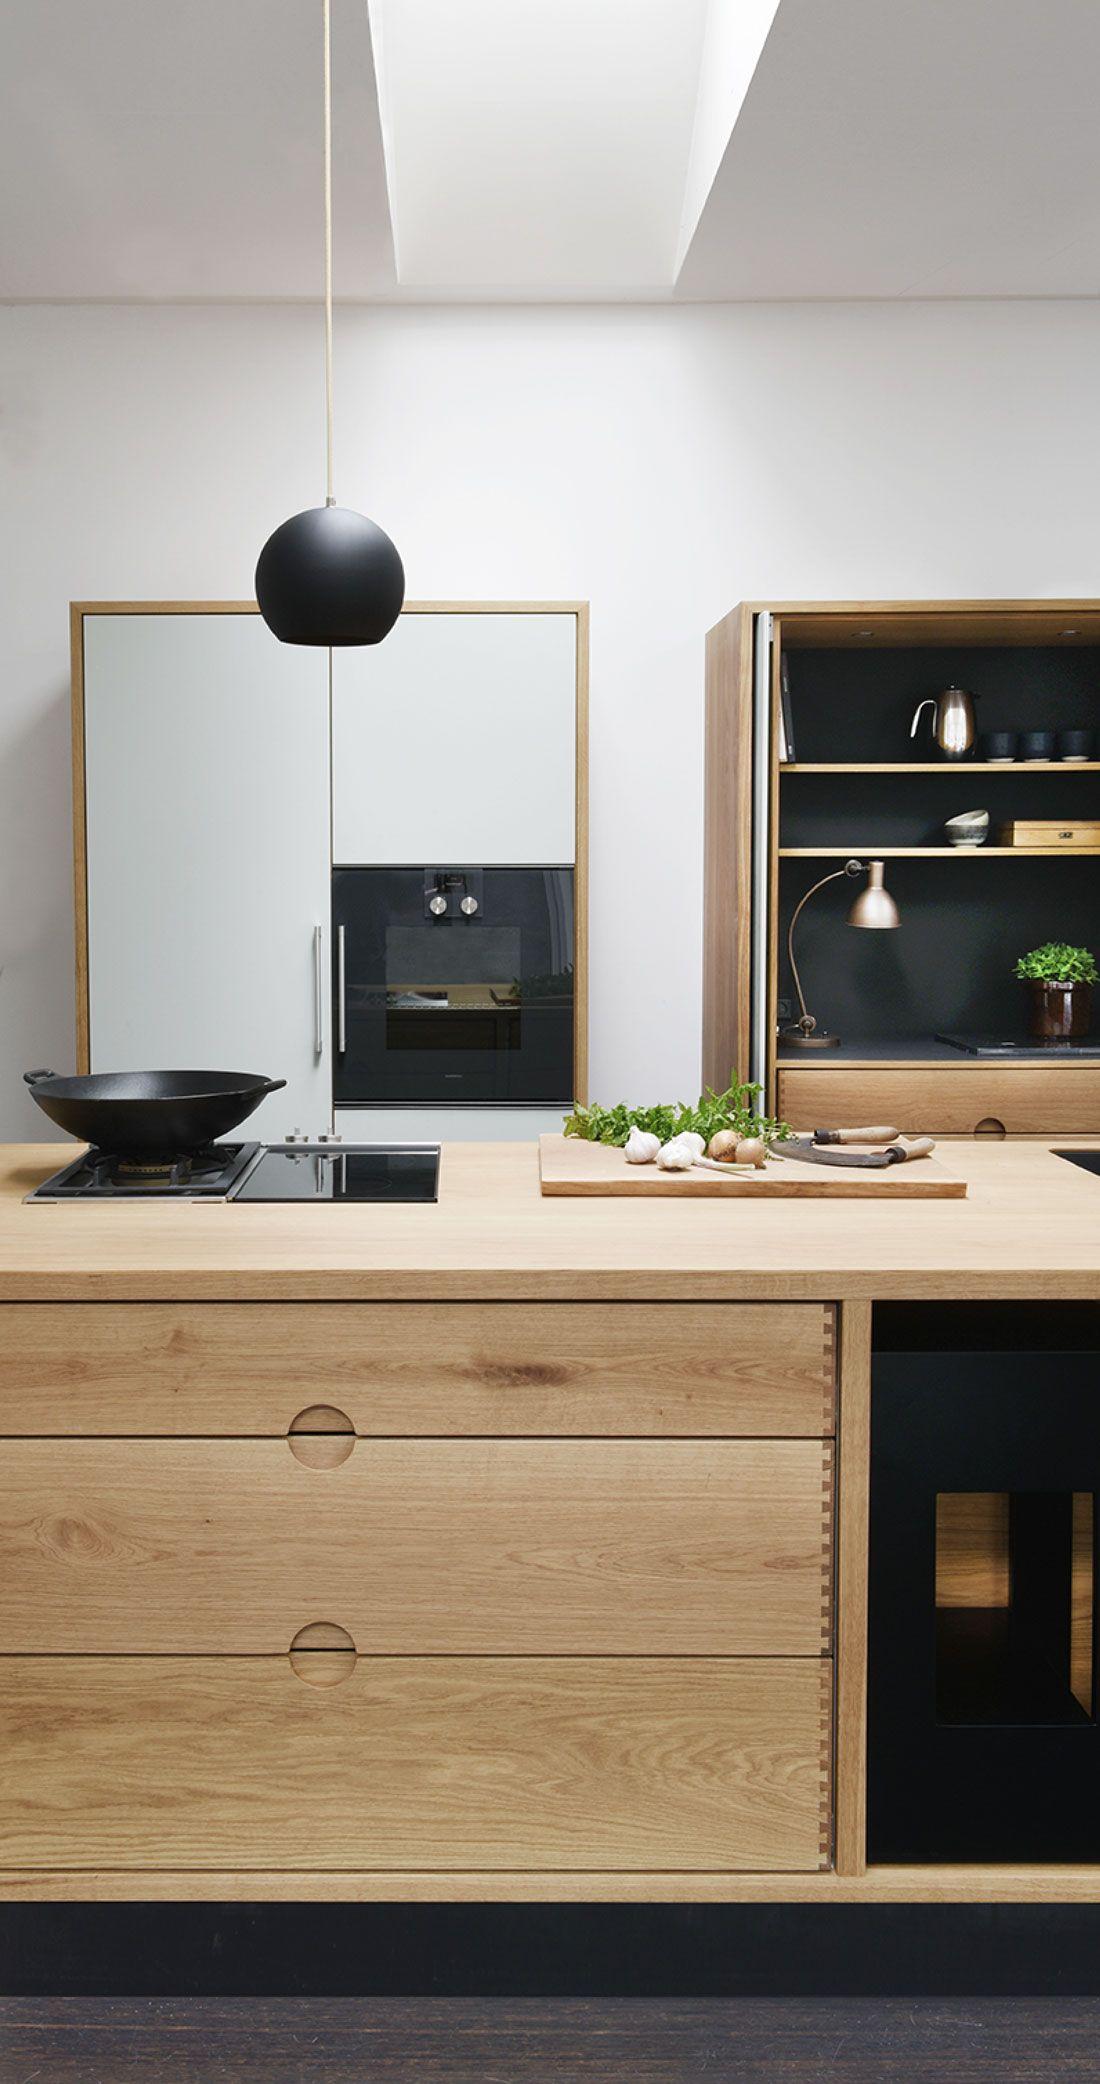 koekken med fransk doer og stuk   kitchens   Pinterest   Cocinas ...